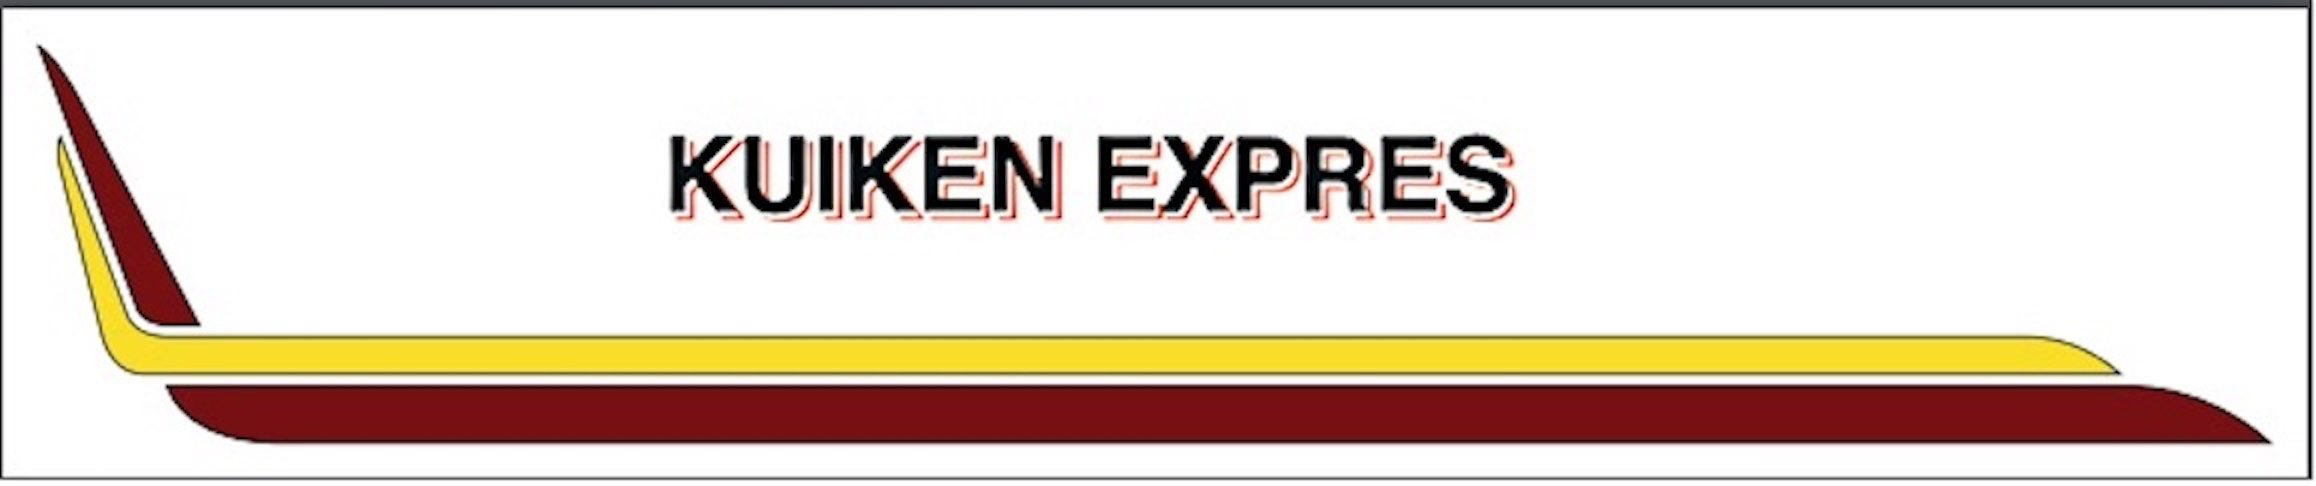 Kuiken Expres